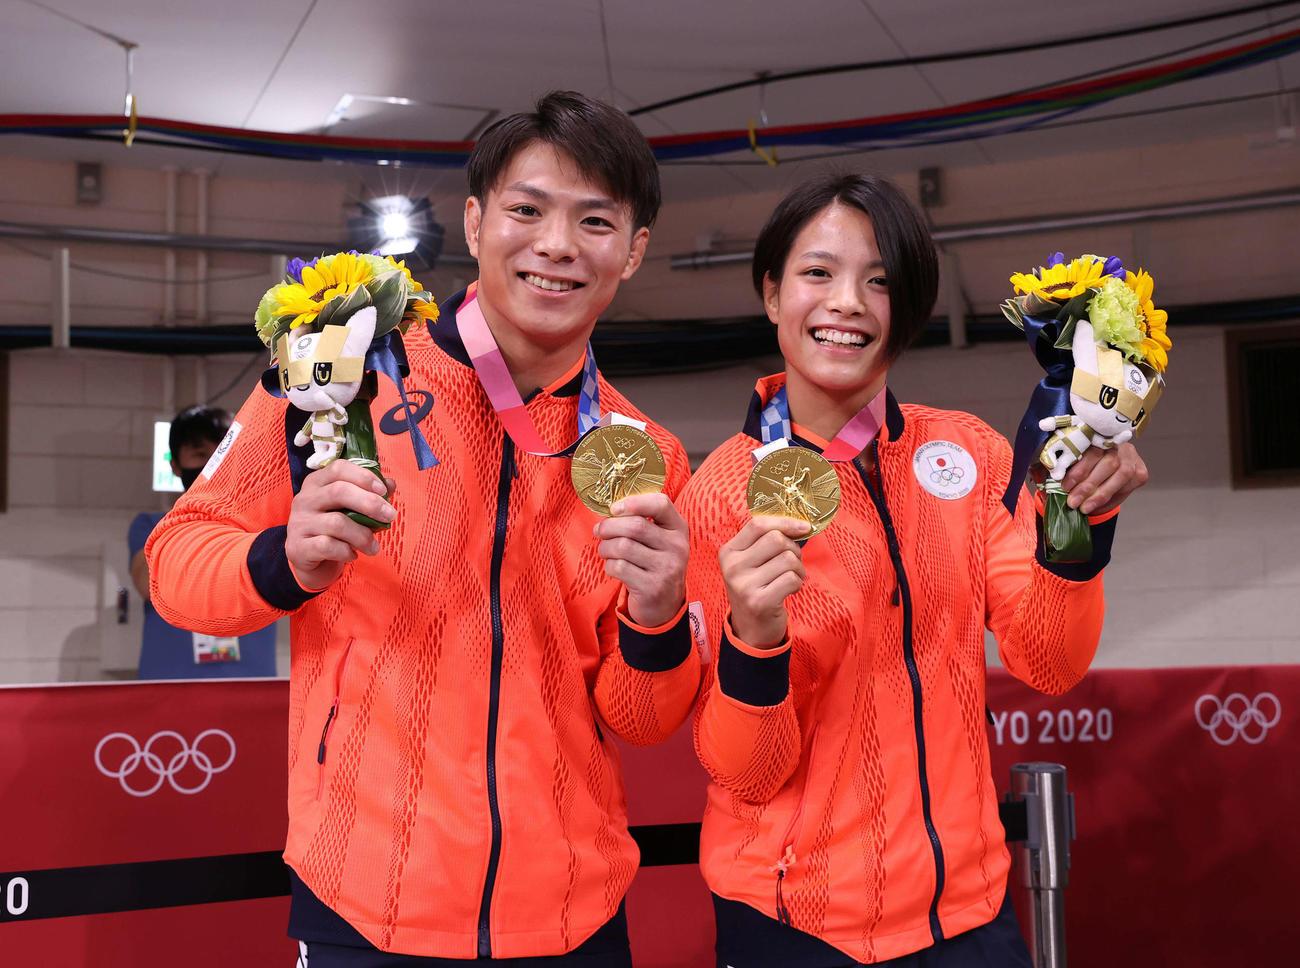 男子66キロ級で優勝した阿部一(左)と女子52キロ級で優勝した阿部詩は笑顔で記念撮影に収まる(撮影・河野匠)